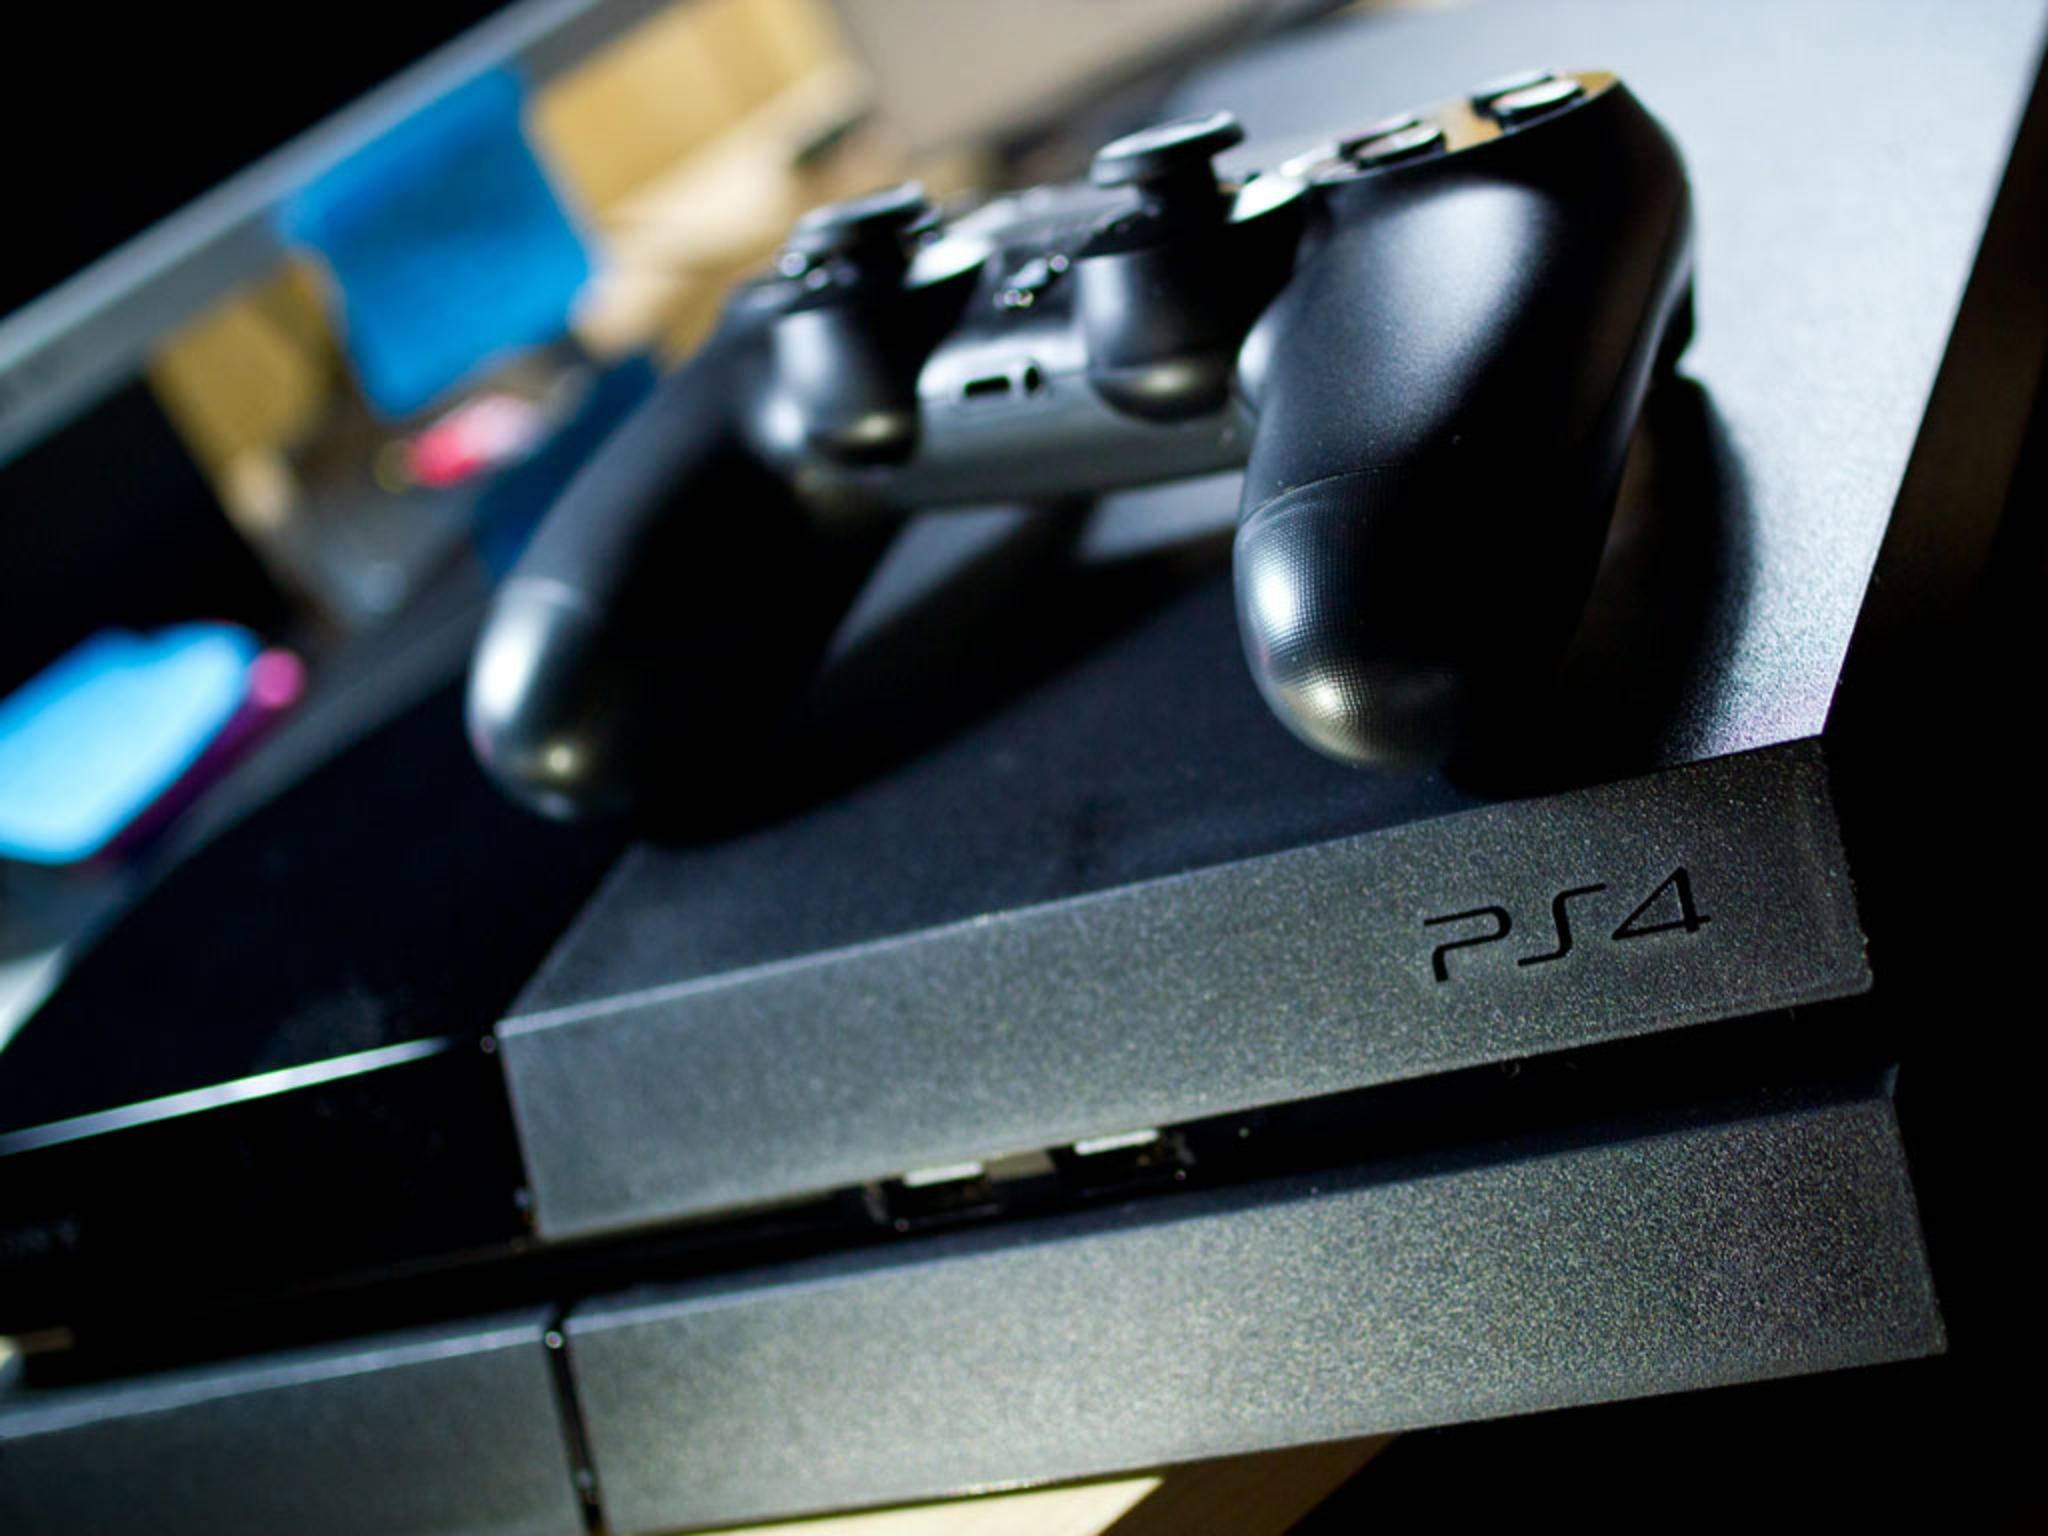 Die PS4 bekommt heute ein großes Update spendiert.